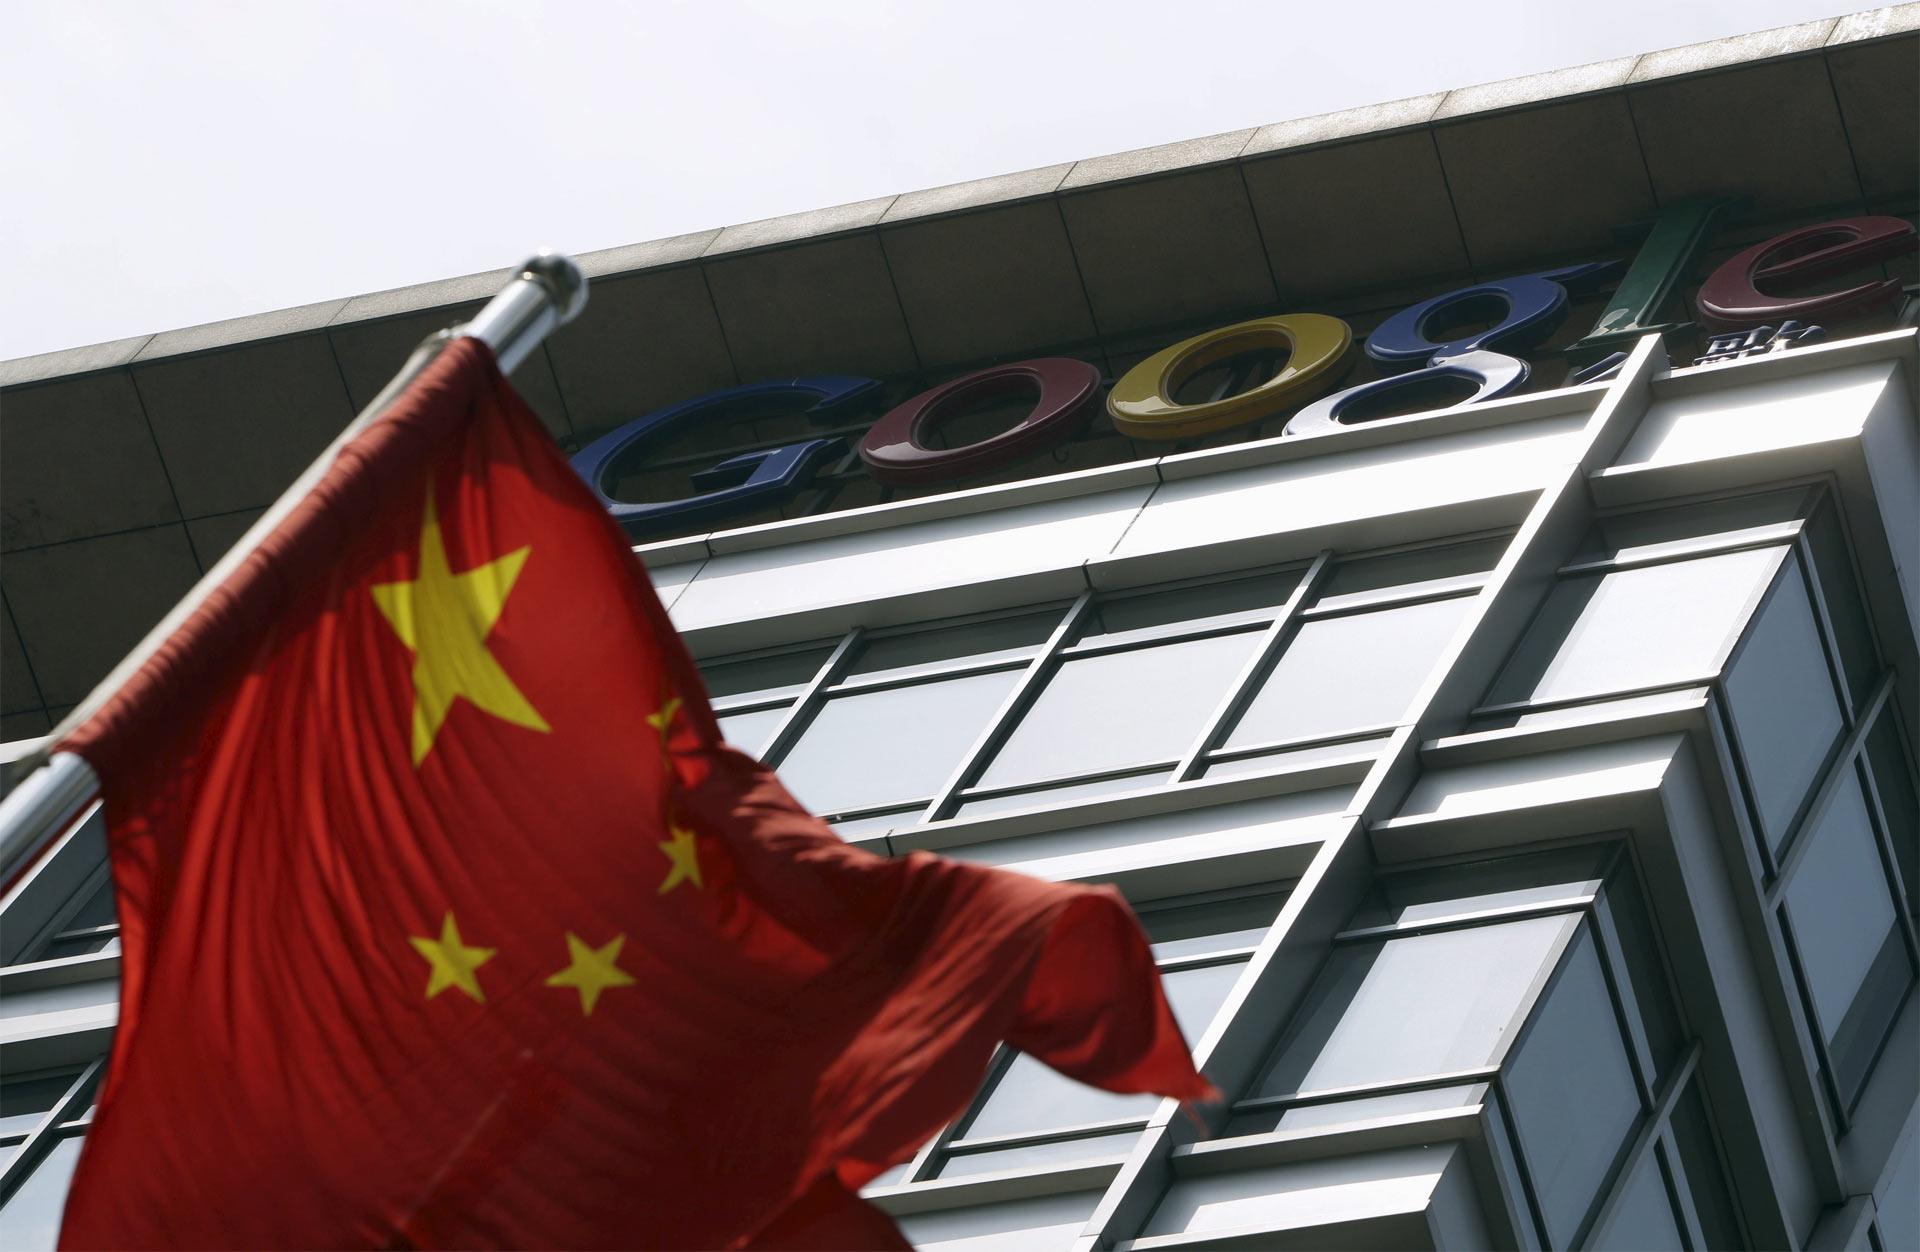 Google sacó parte de sus productos del país por la autocensura en sus motores de búsqueda. Ahora planea regresar